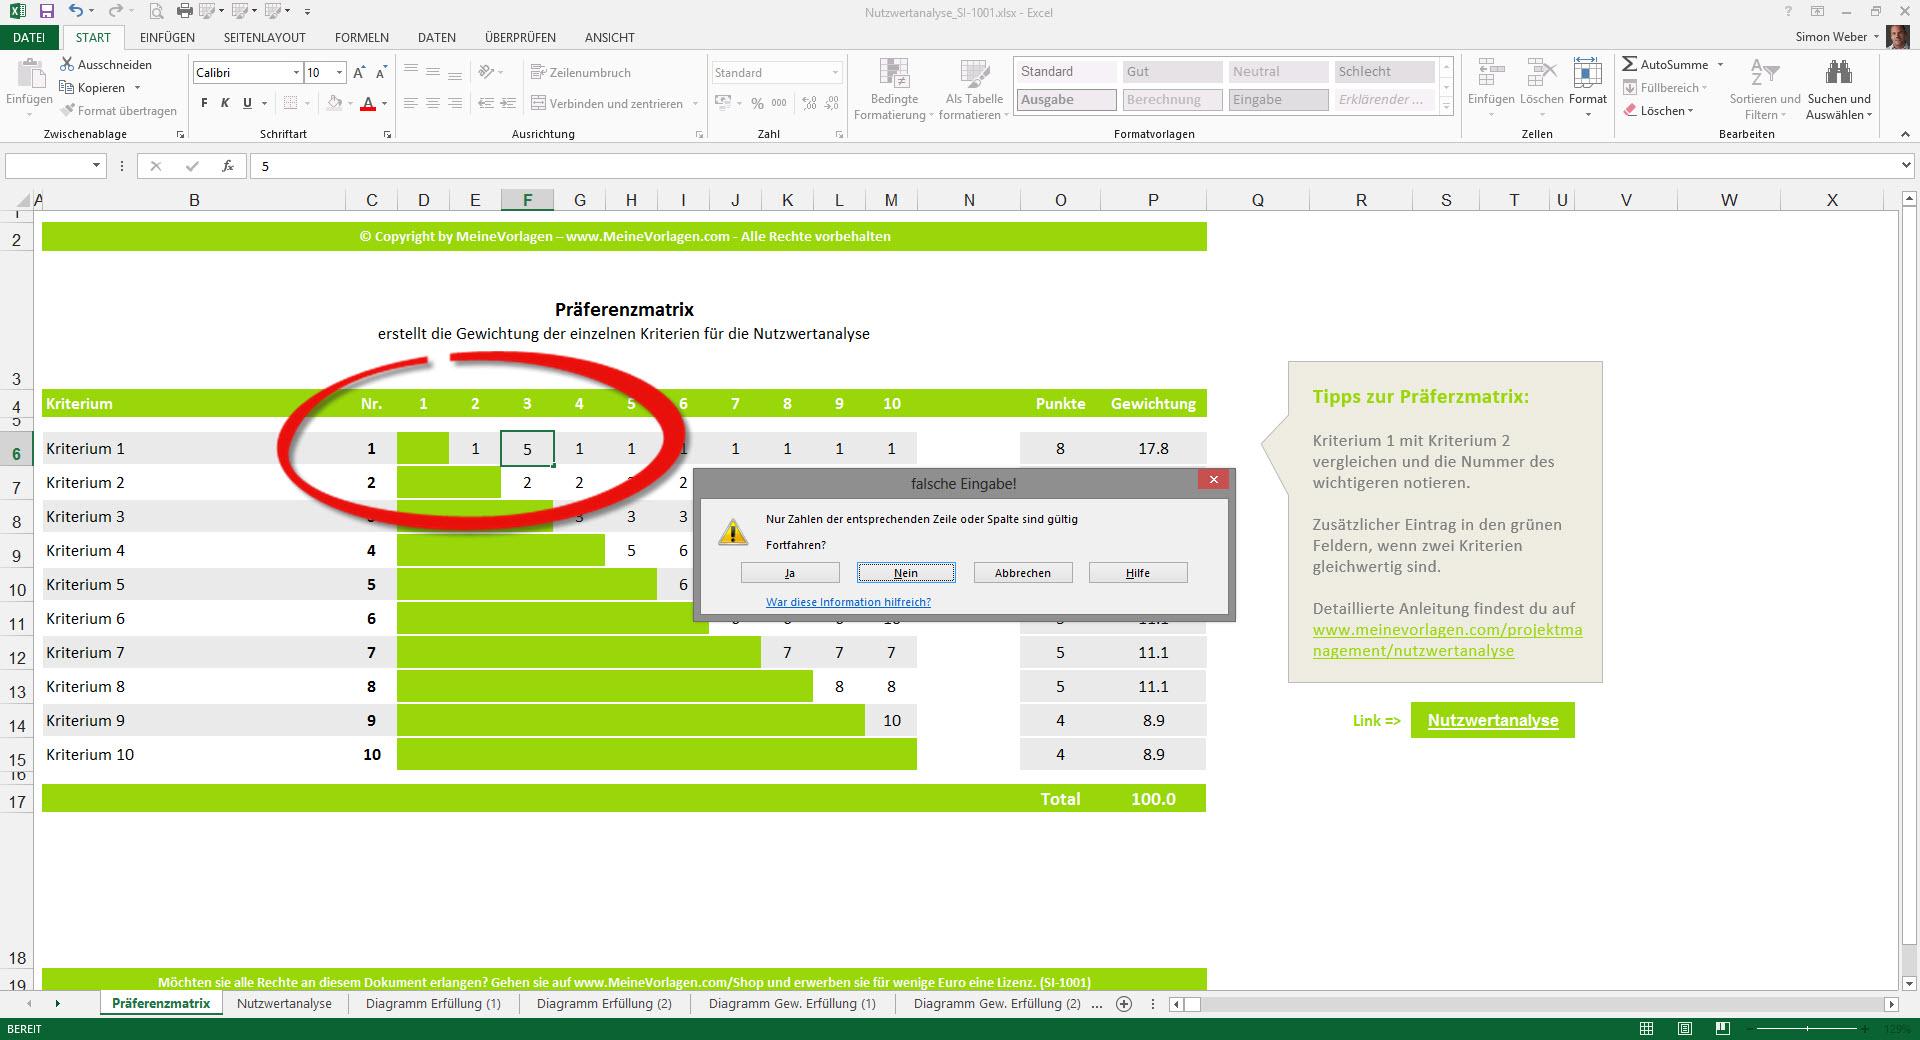 Nutzwertanalyse Excel Vorlagen - NWA Präferenzmatrix ...